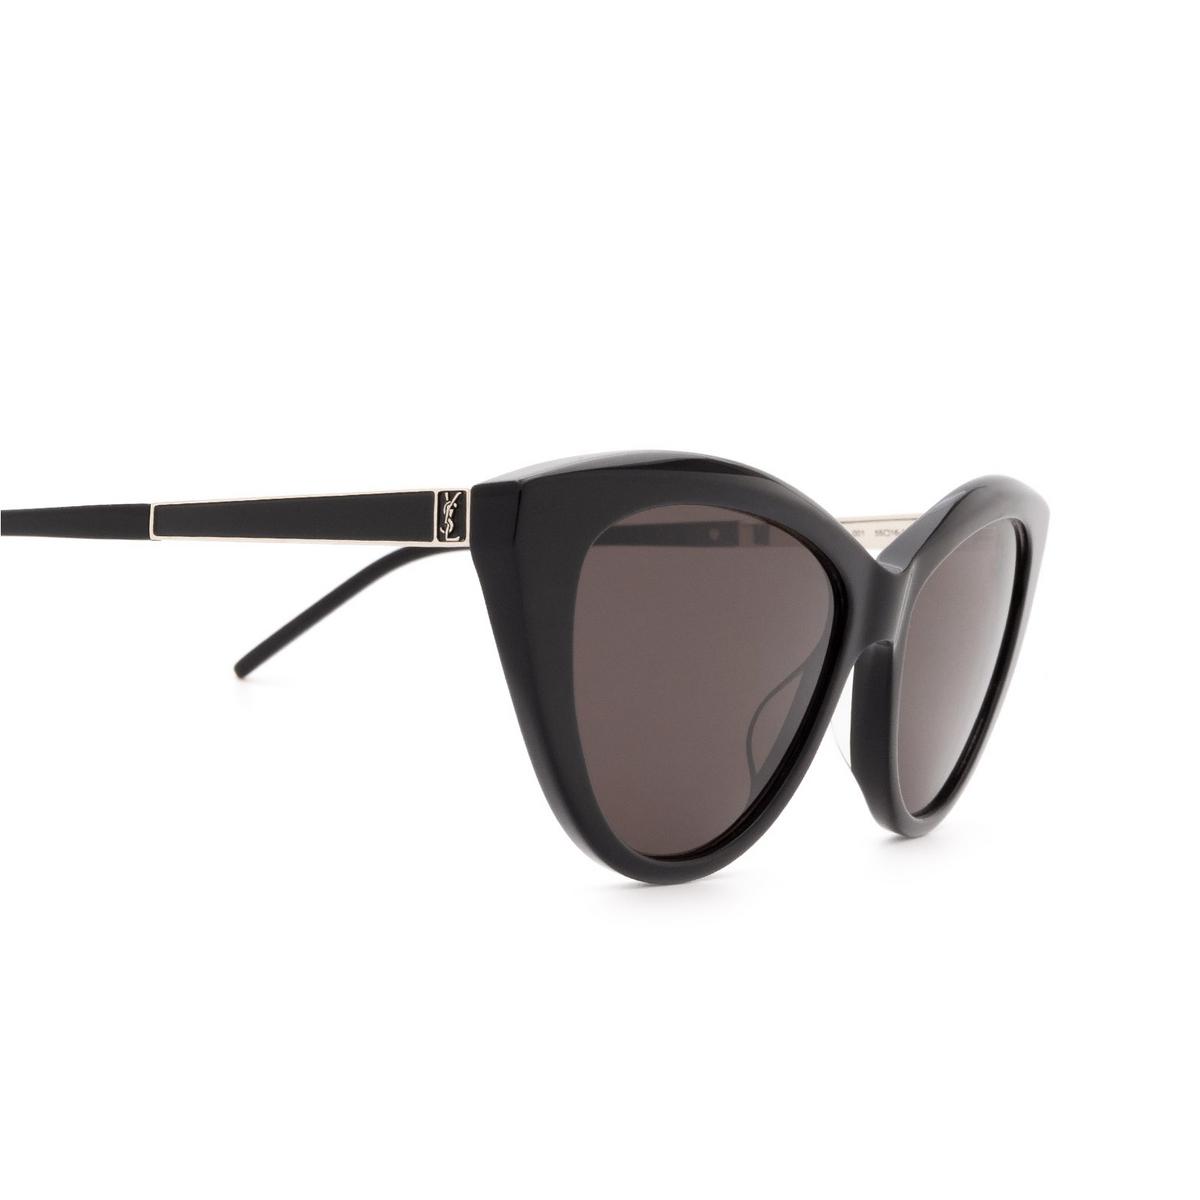 Saint Laurent® Cat-eye Sunglasses: SL M81 color Black 001 - 3/3.